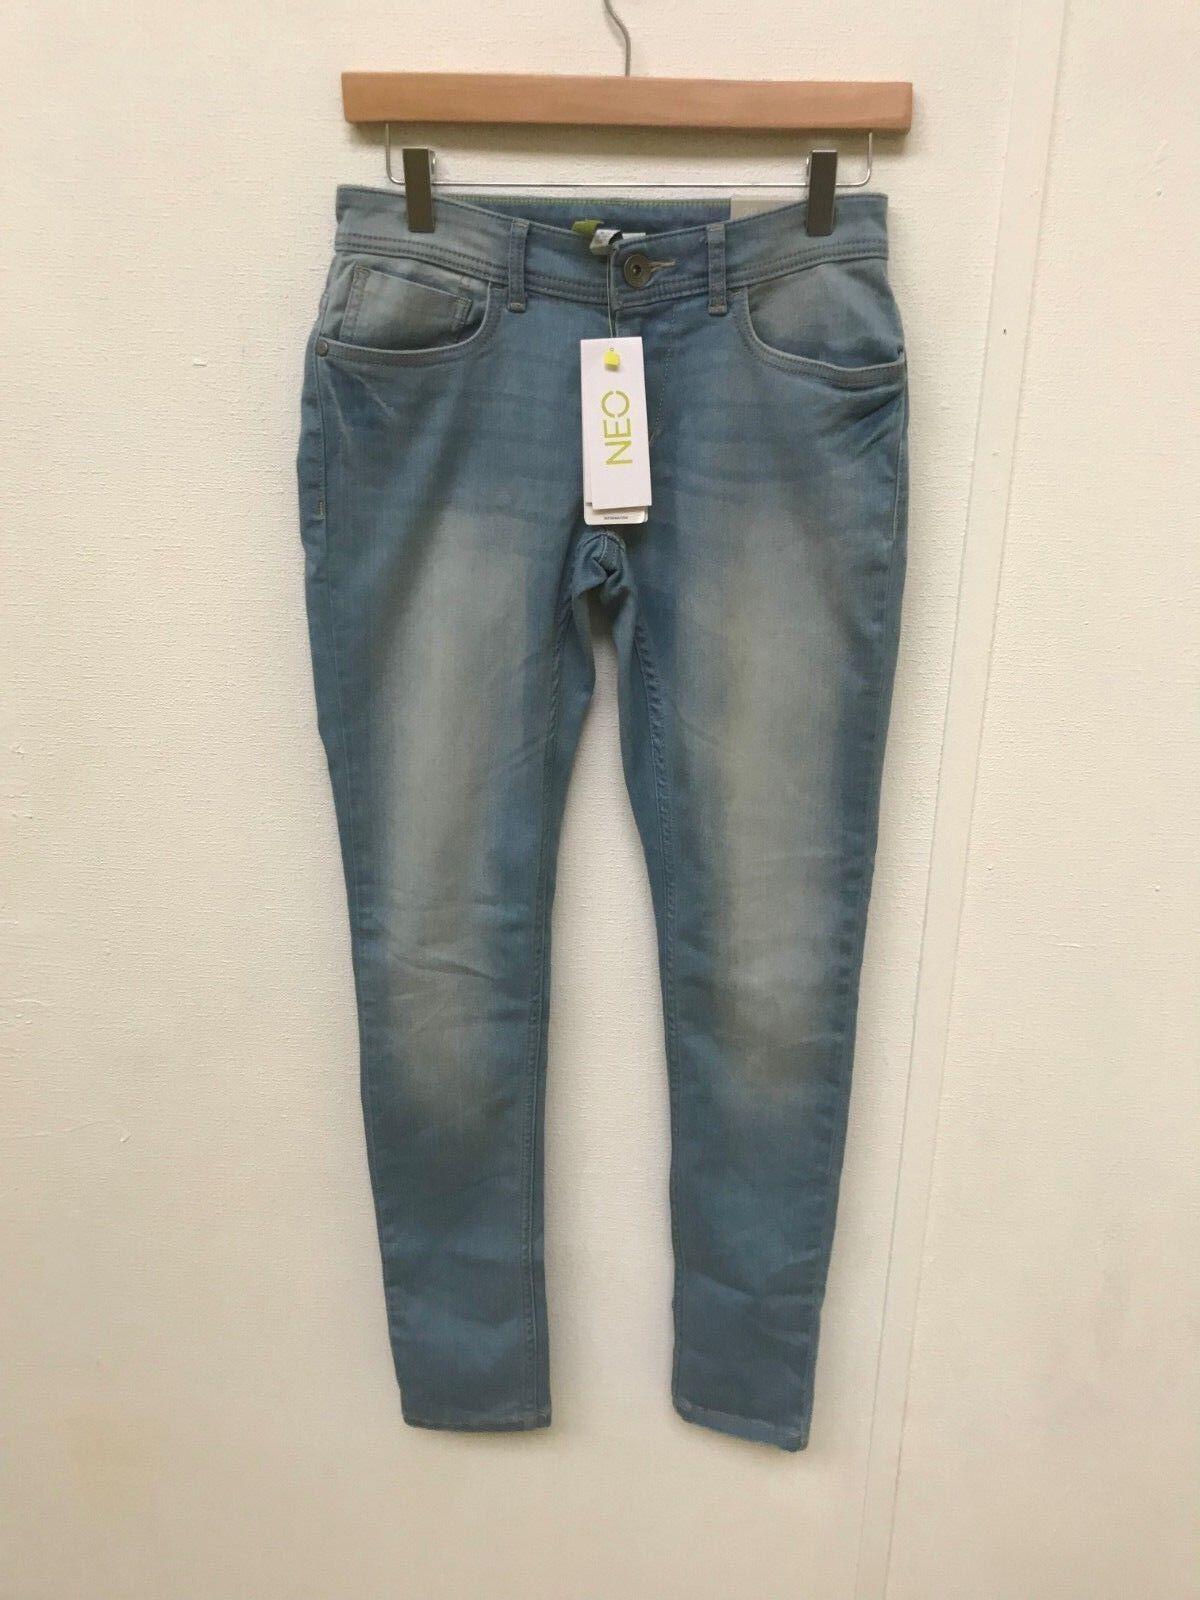 Adidas NEO Jean Super Skinny Fit pour Femmes - W30 L34 - Denim Léger - Nouveau